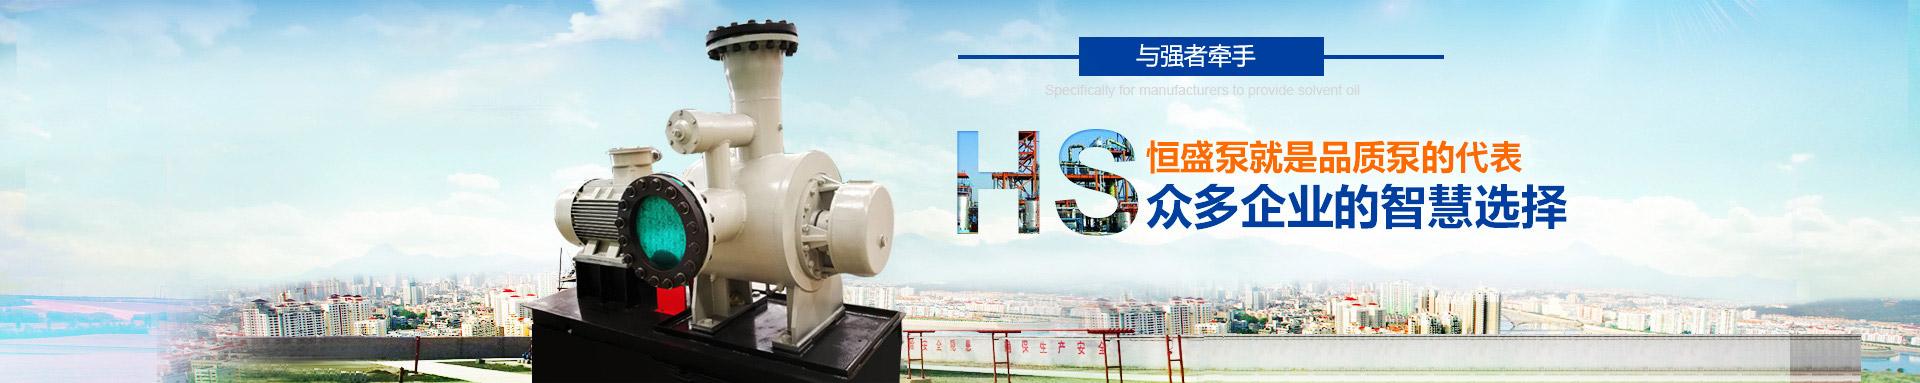 恒盛泵就是品质泵的代表,众多企业的智慧选择